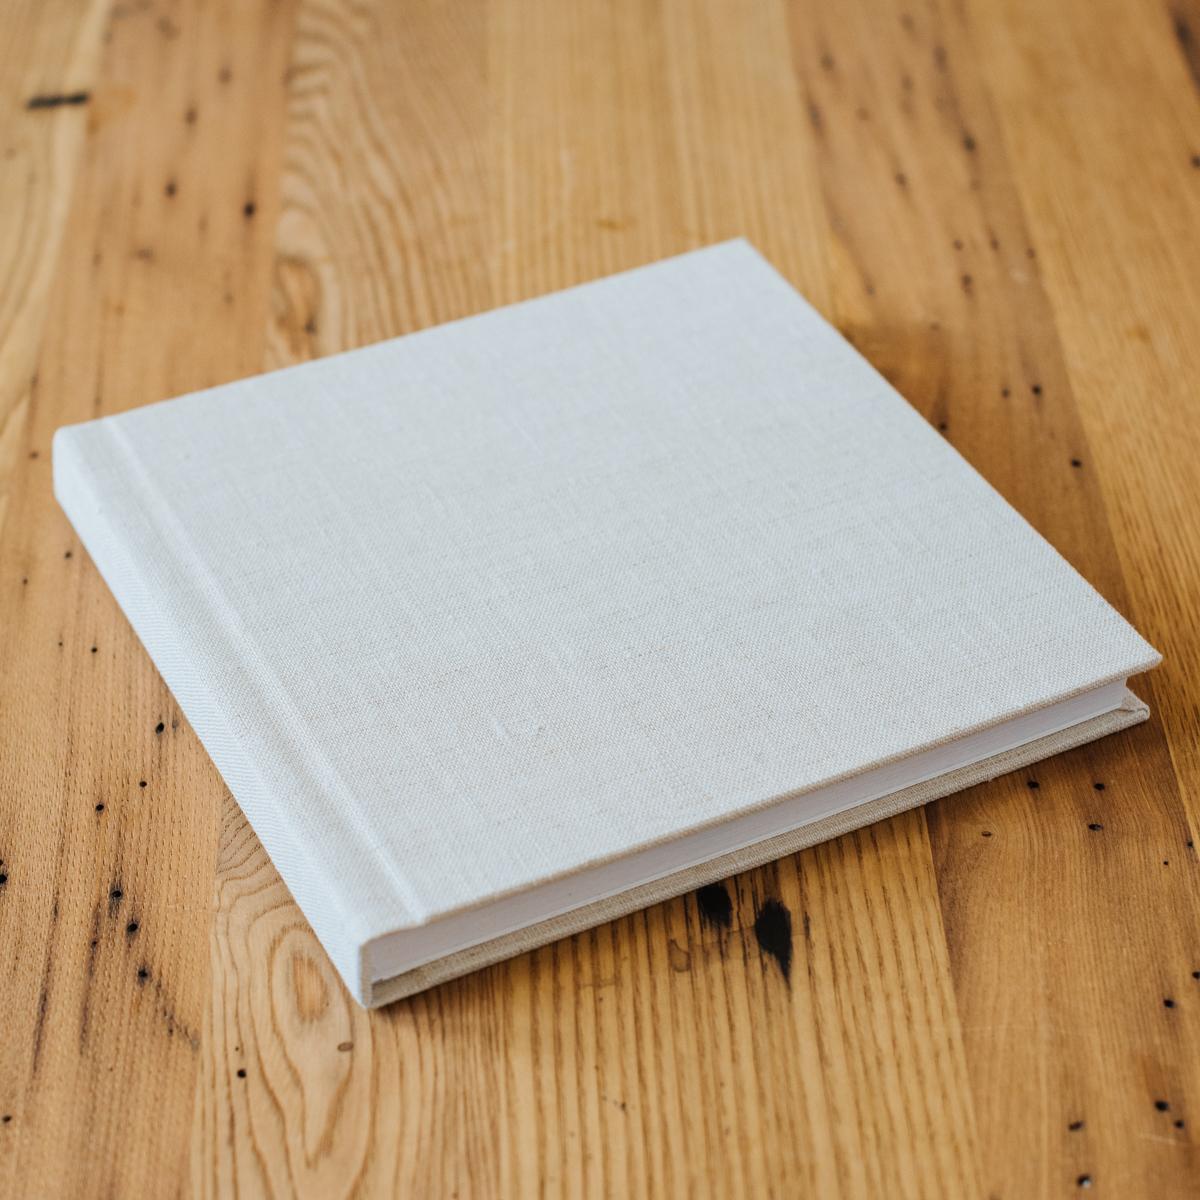 Signature Album with Linen Cover